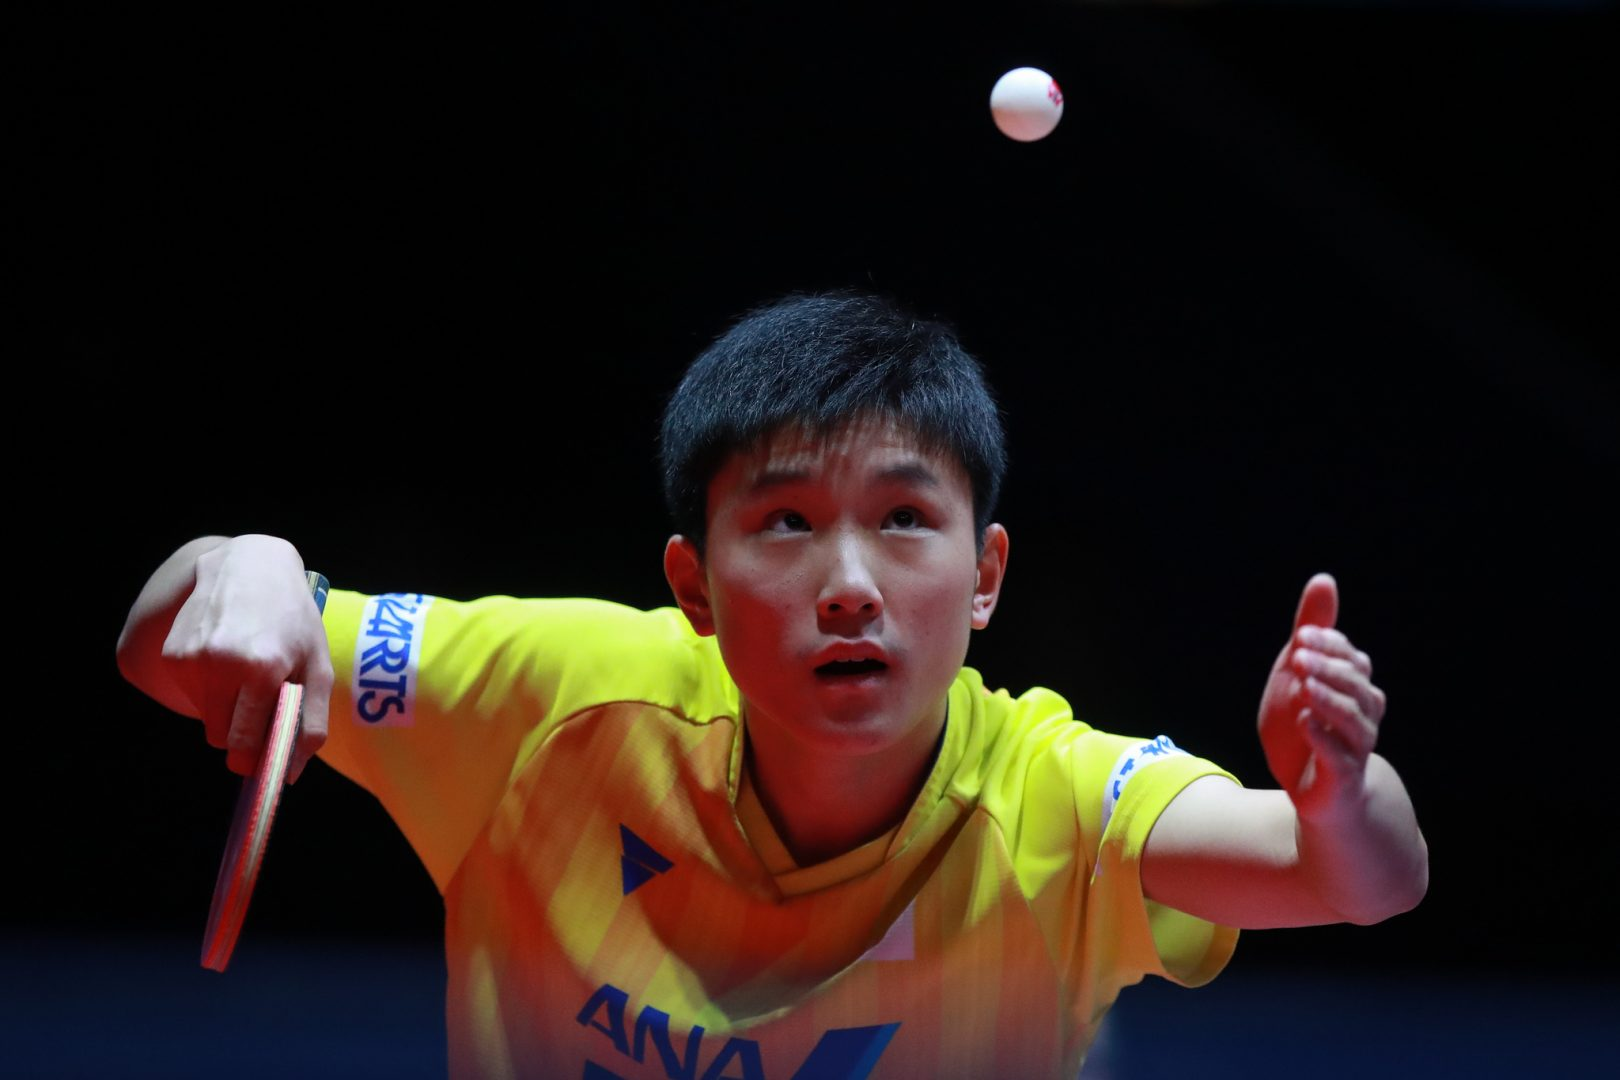 【卓球・男子】2019年度ナショナルチーム選手が決定 候補選手を含めて34名が選出